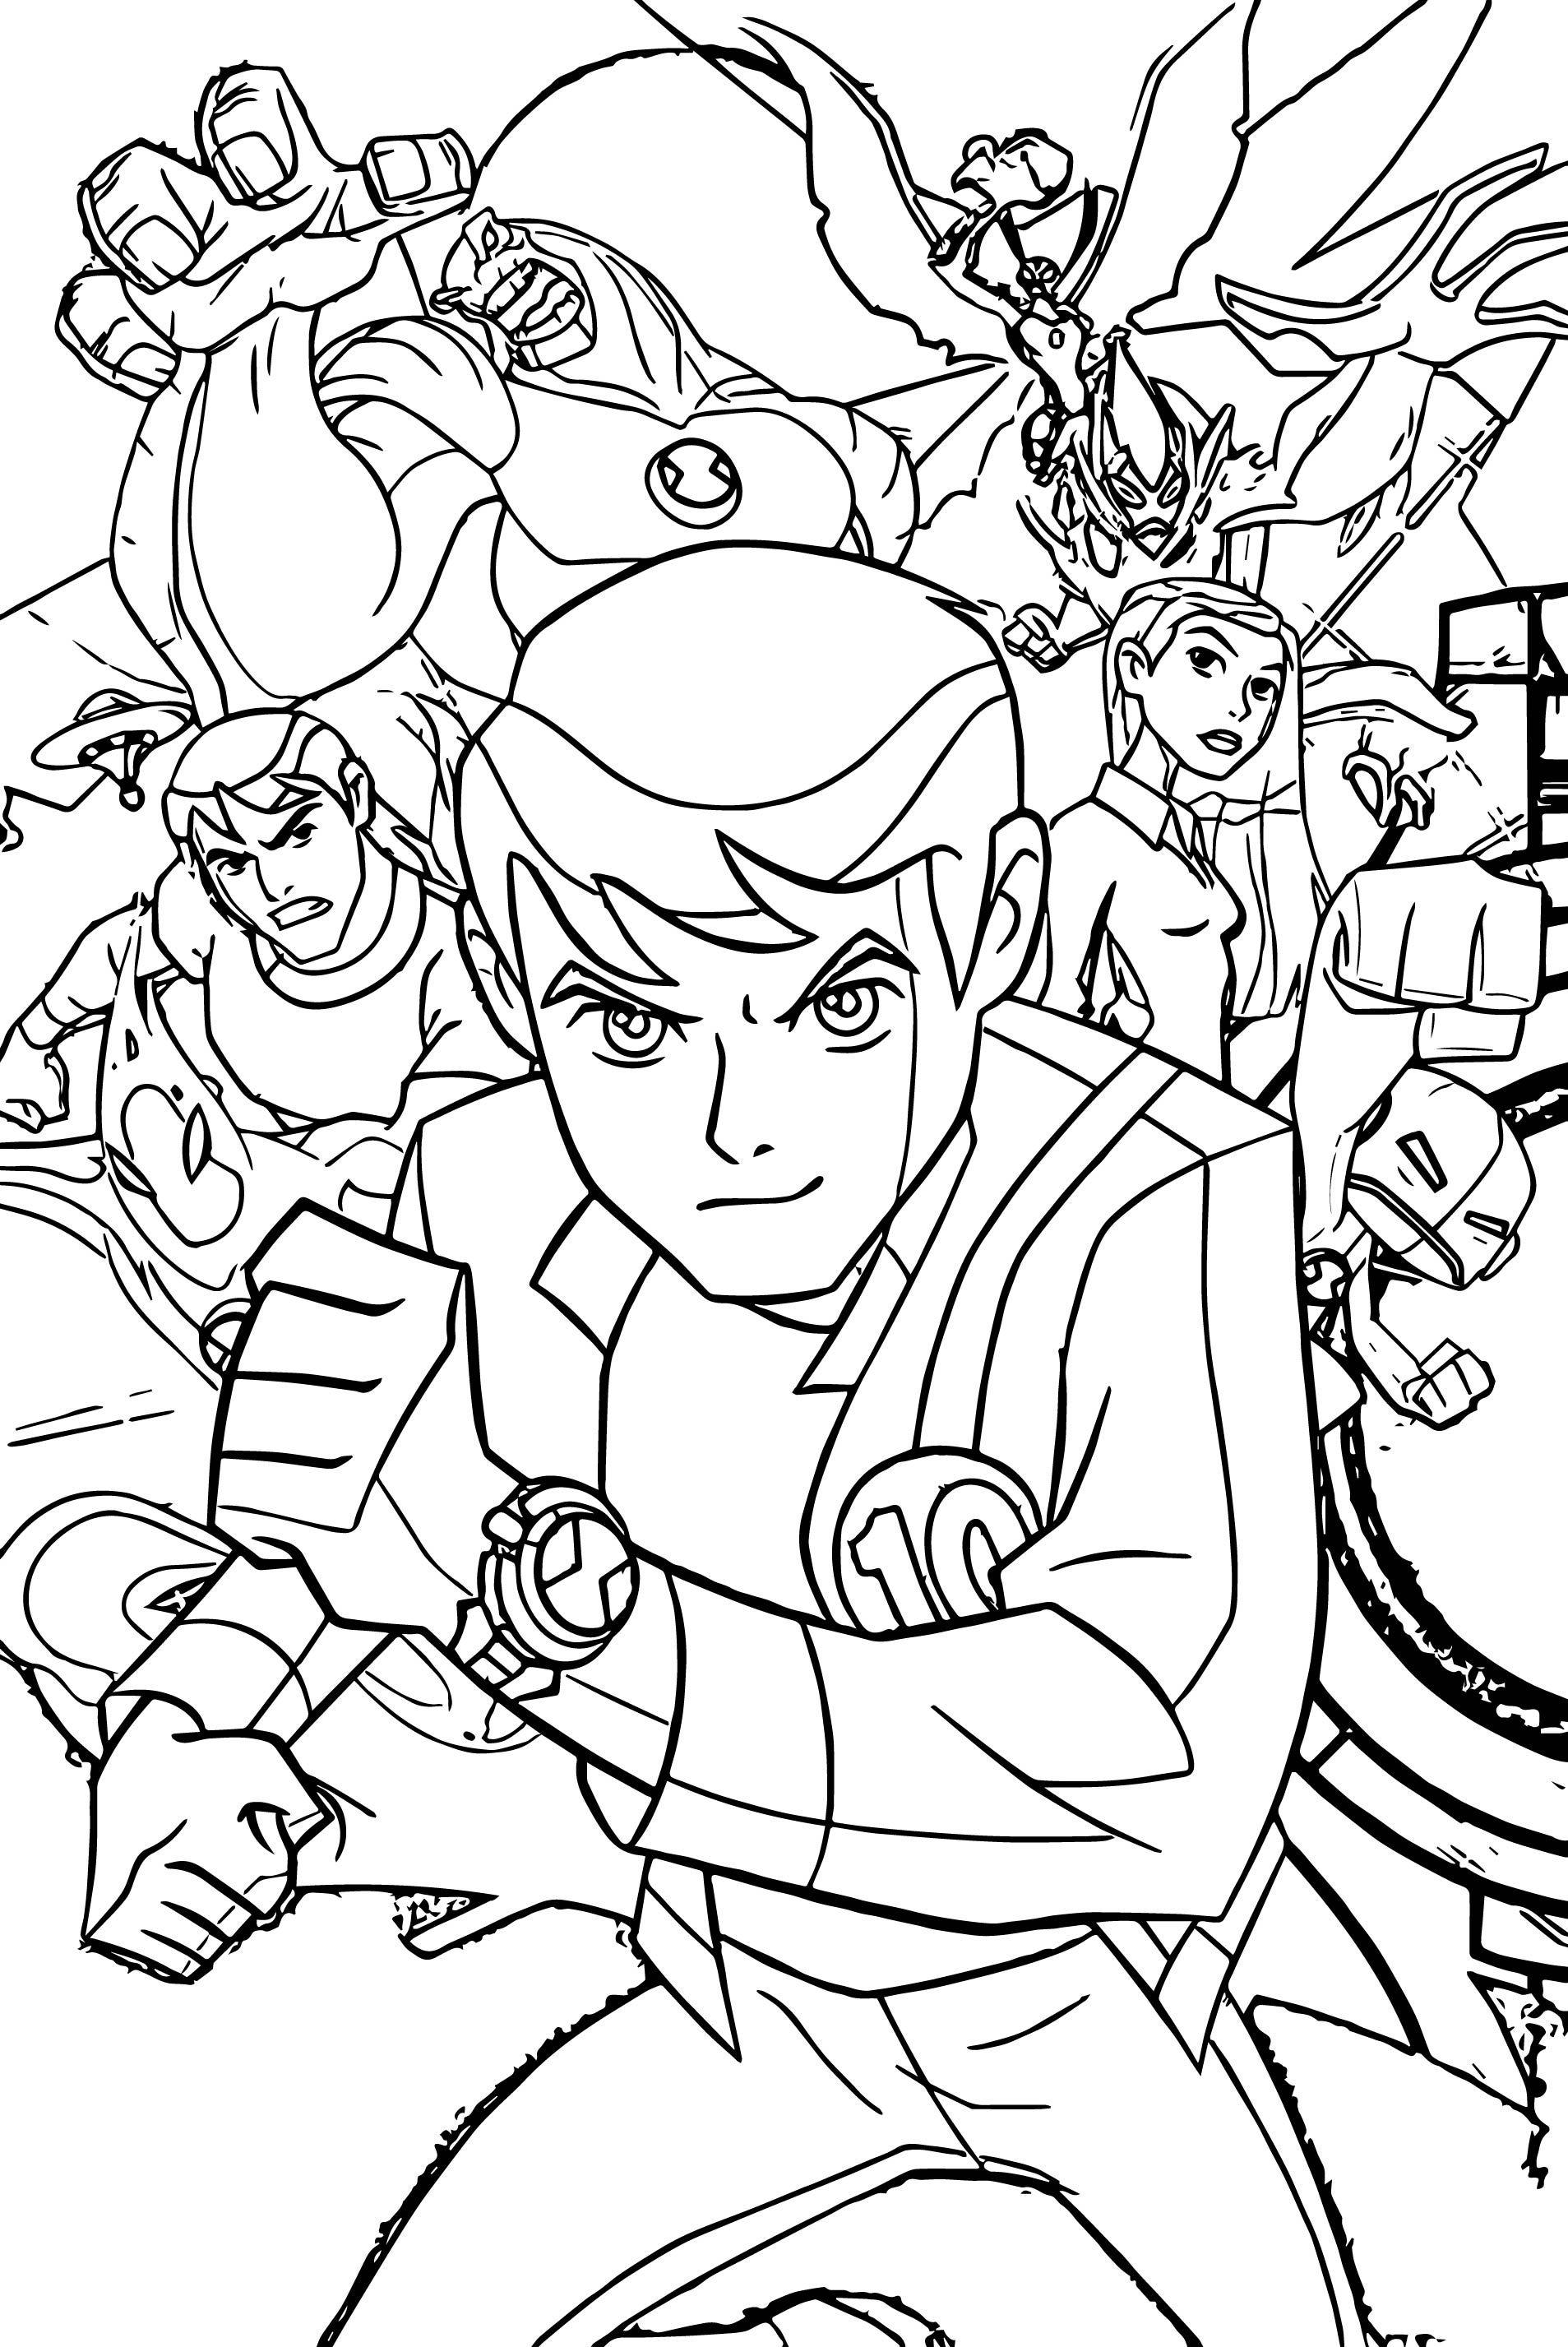 Ben 10 coloring pages | BonToys.com | 2854x1907